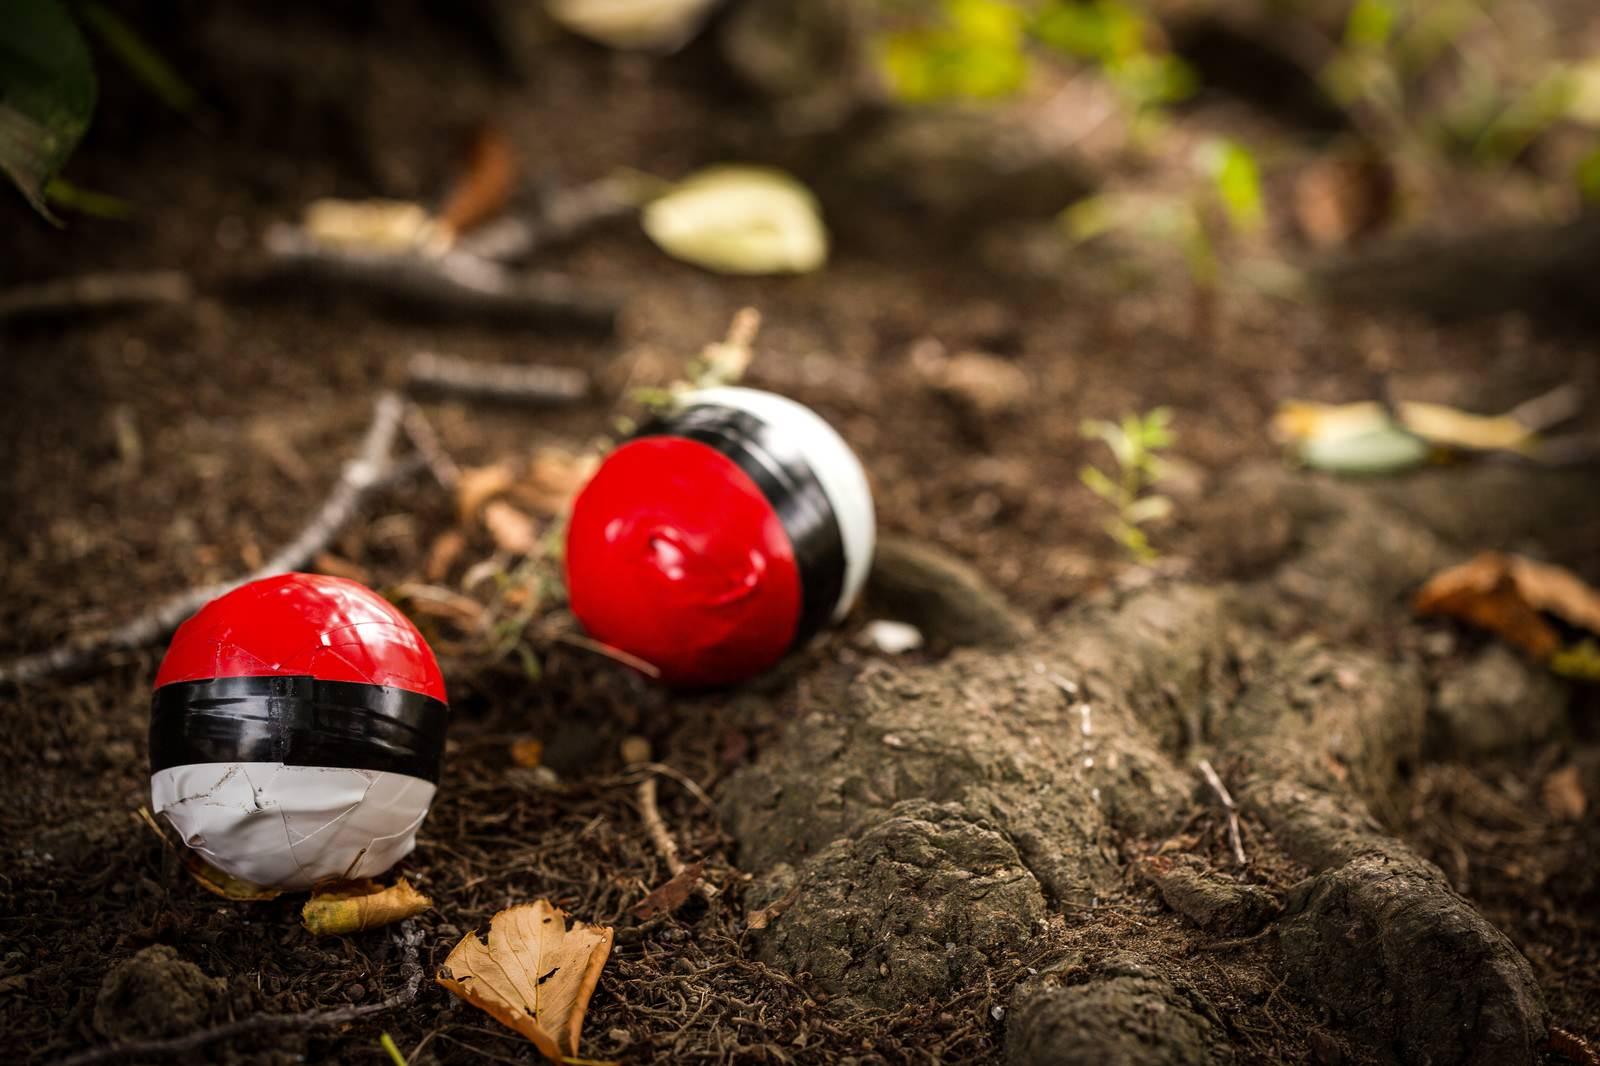 「森の中に投げ捨てられた紅白ボール森の中に投げ捨てられた紅白ボール」のフリー写真素材を拡大